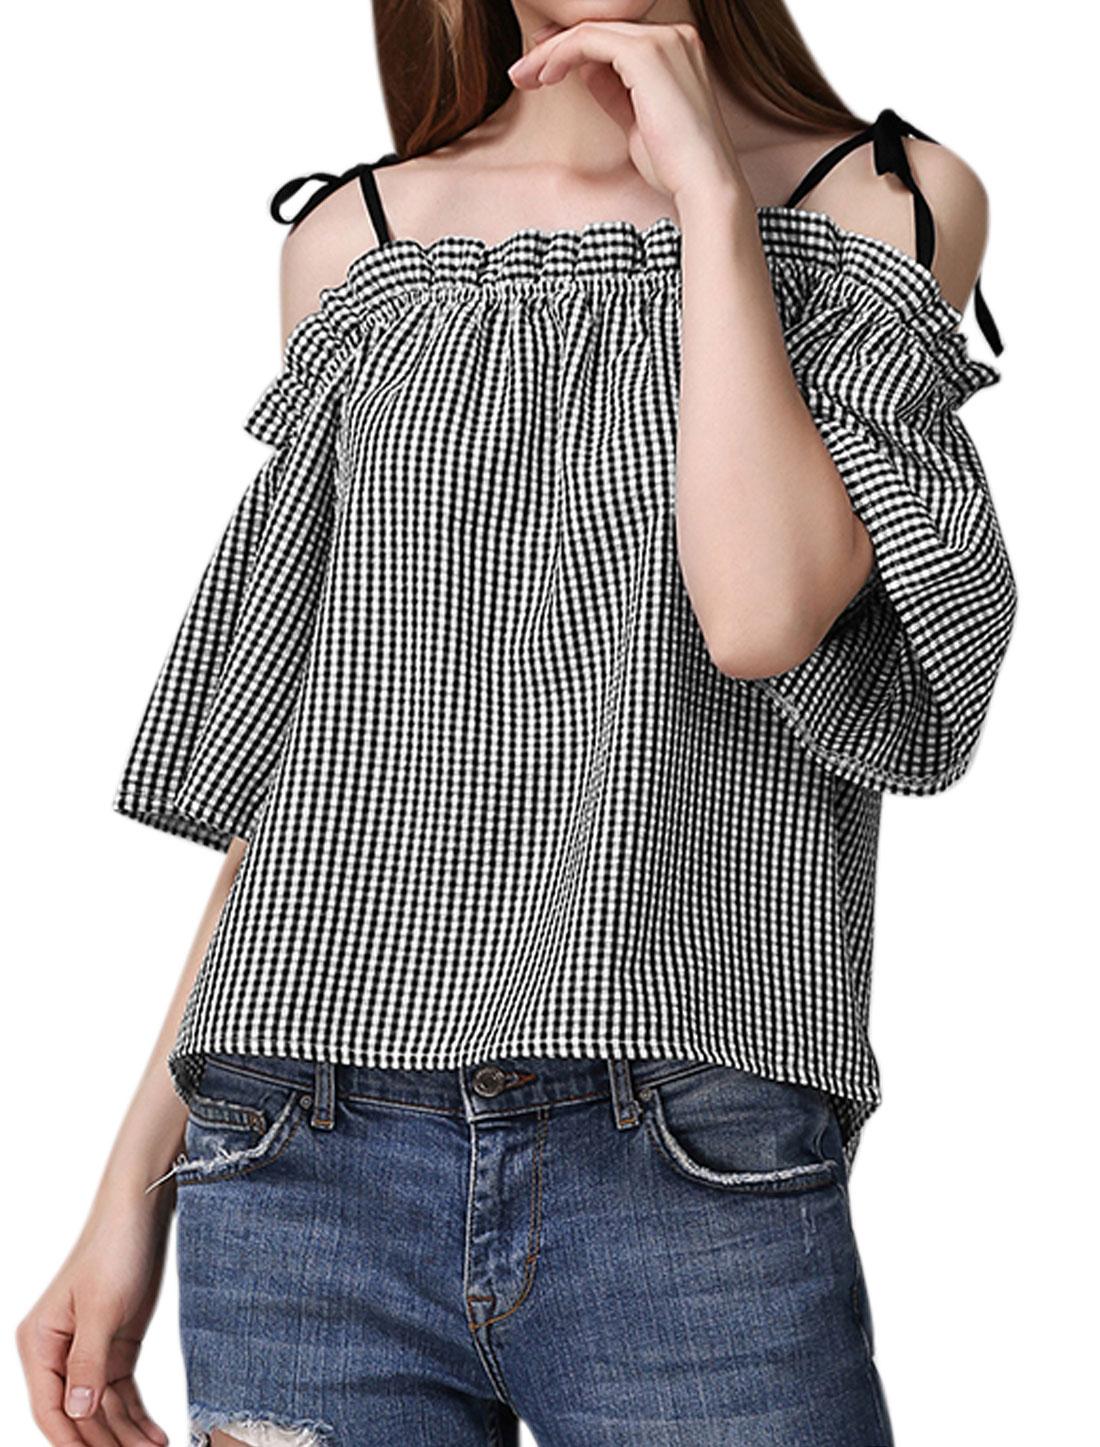 Women Plaids Open Shoulder Self Tie Spaghetti Straps Blouse Black XS